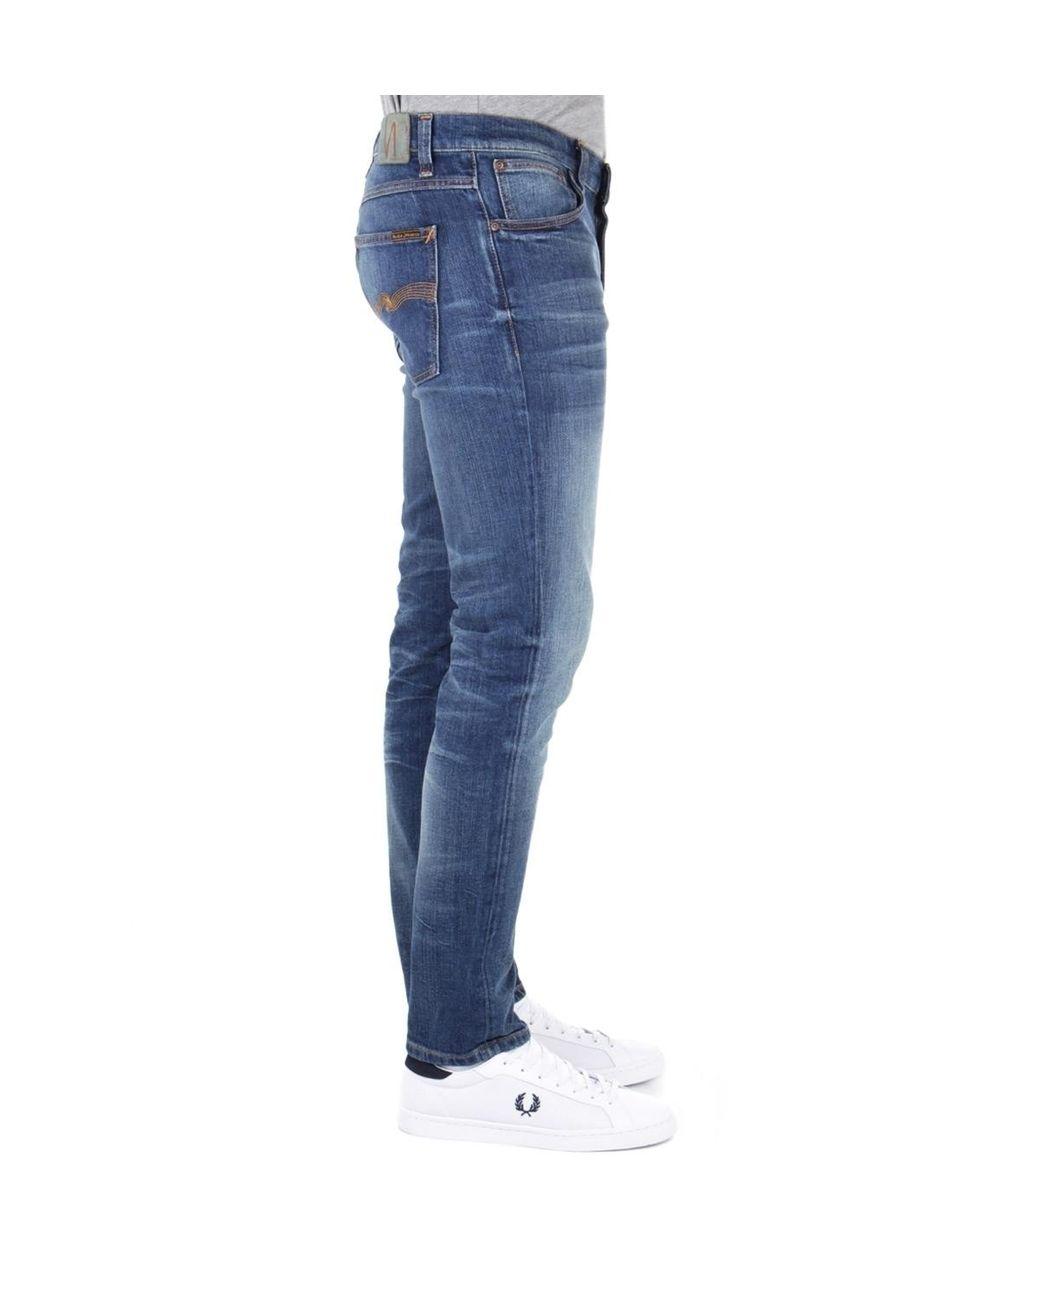 Lost Legend Nudie Jeans Co Lean Dean Slim Fit Jeans